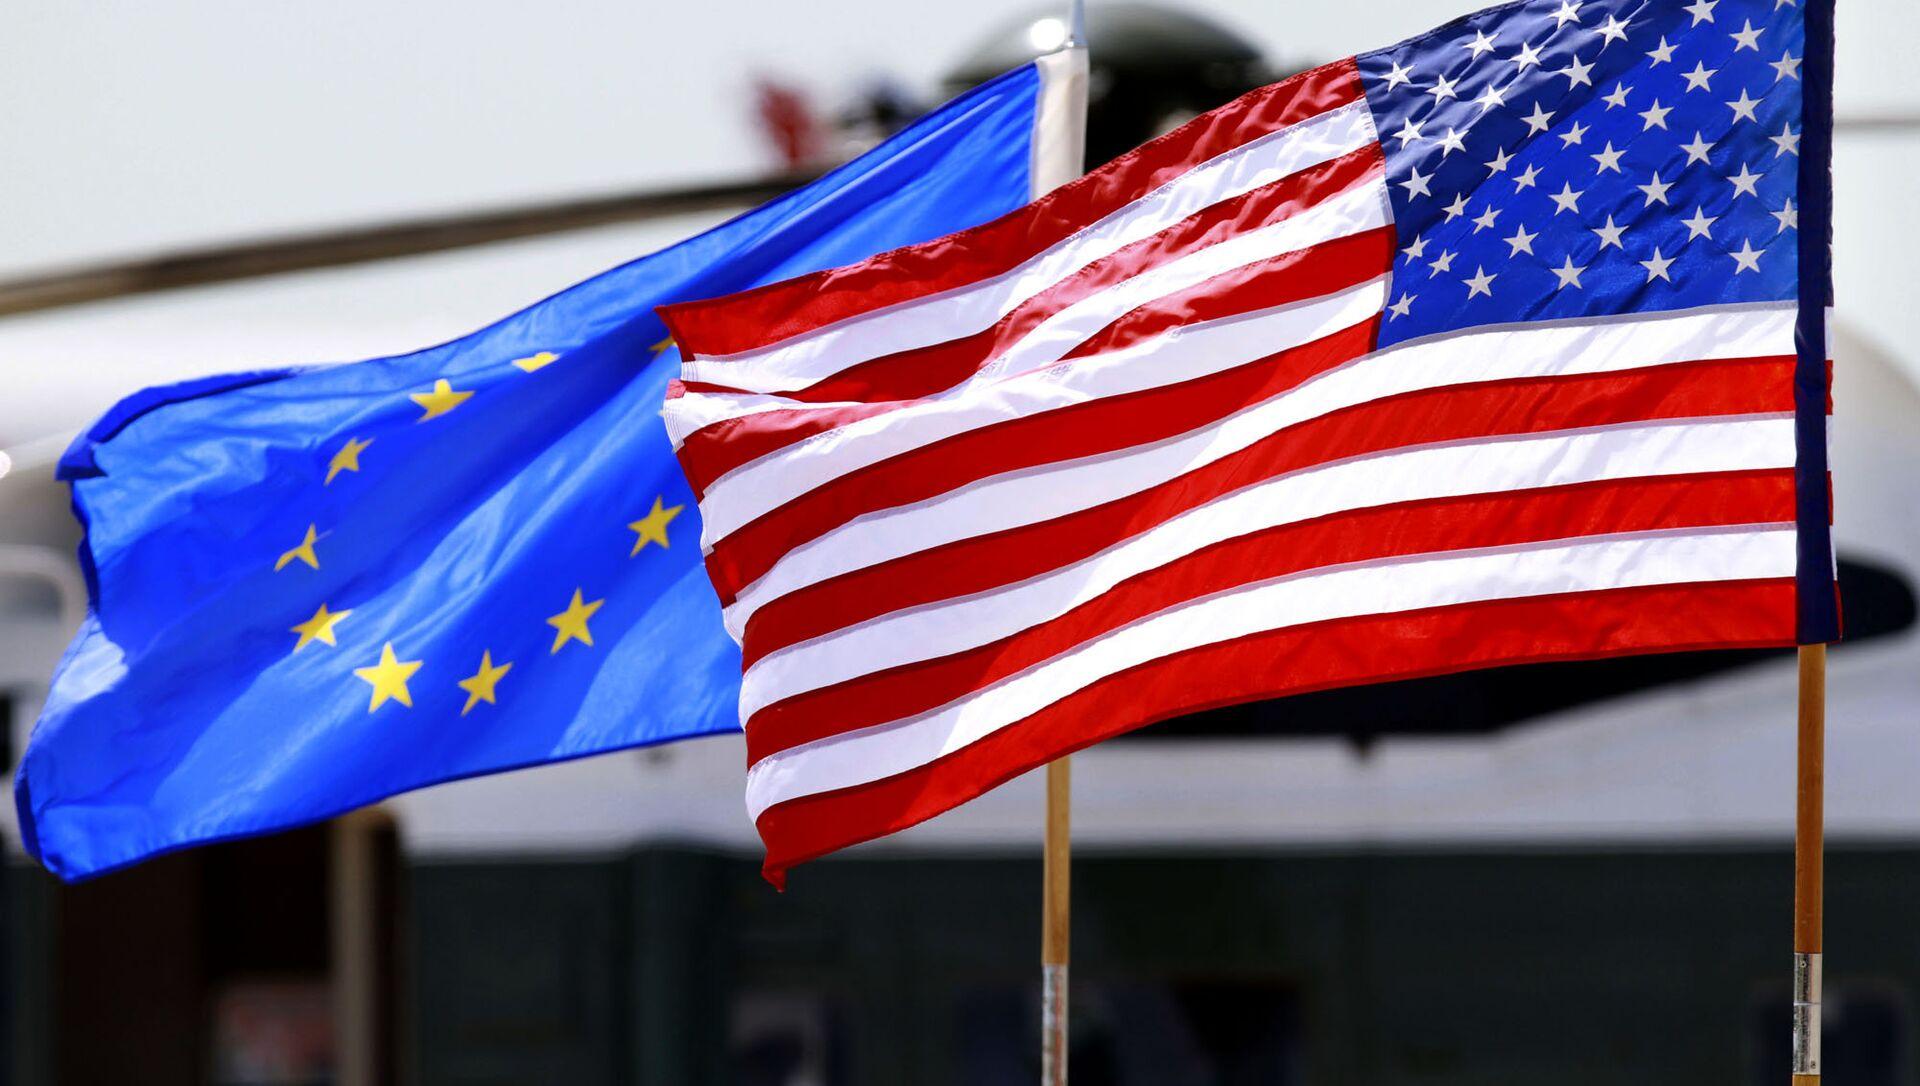 Флаги США и Евросоюза - Sputnik Грузия, 1920, 25.03.2021